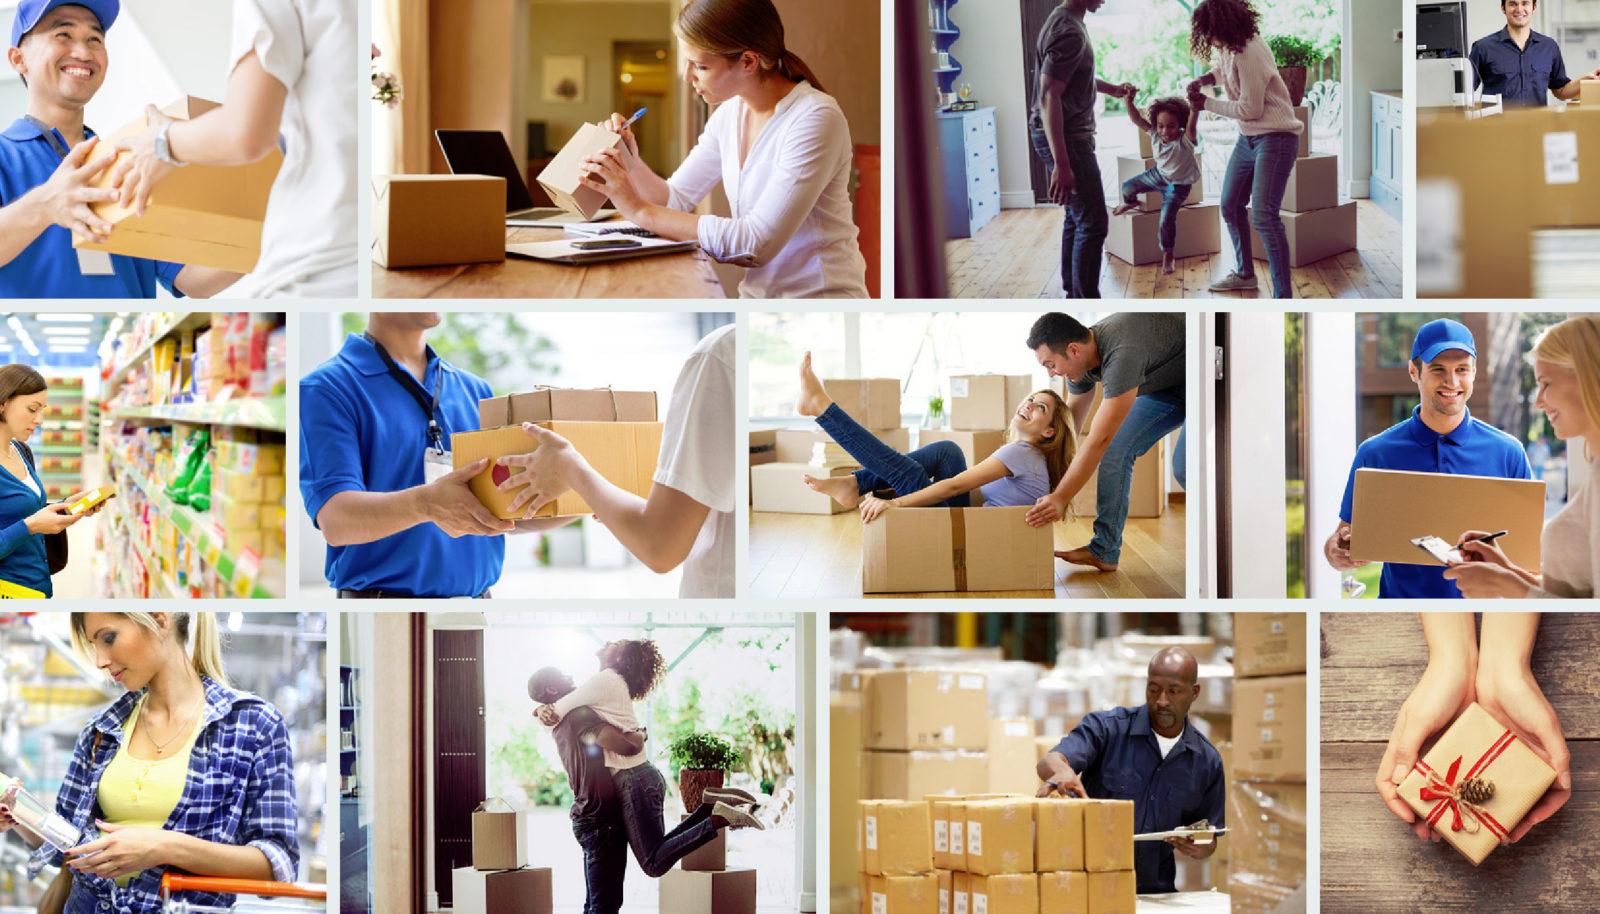 doboz webshop, millerpack, kartondoboz rendelés, dobozgyártás, csomagoló doboz, termékcsomagolás, kartondoboz